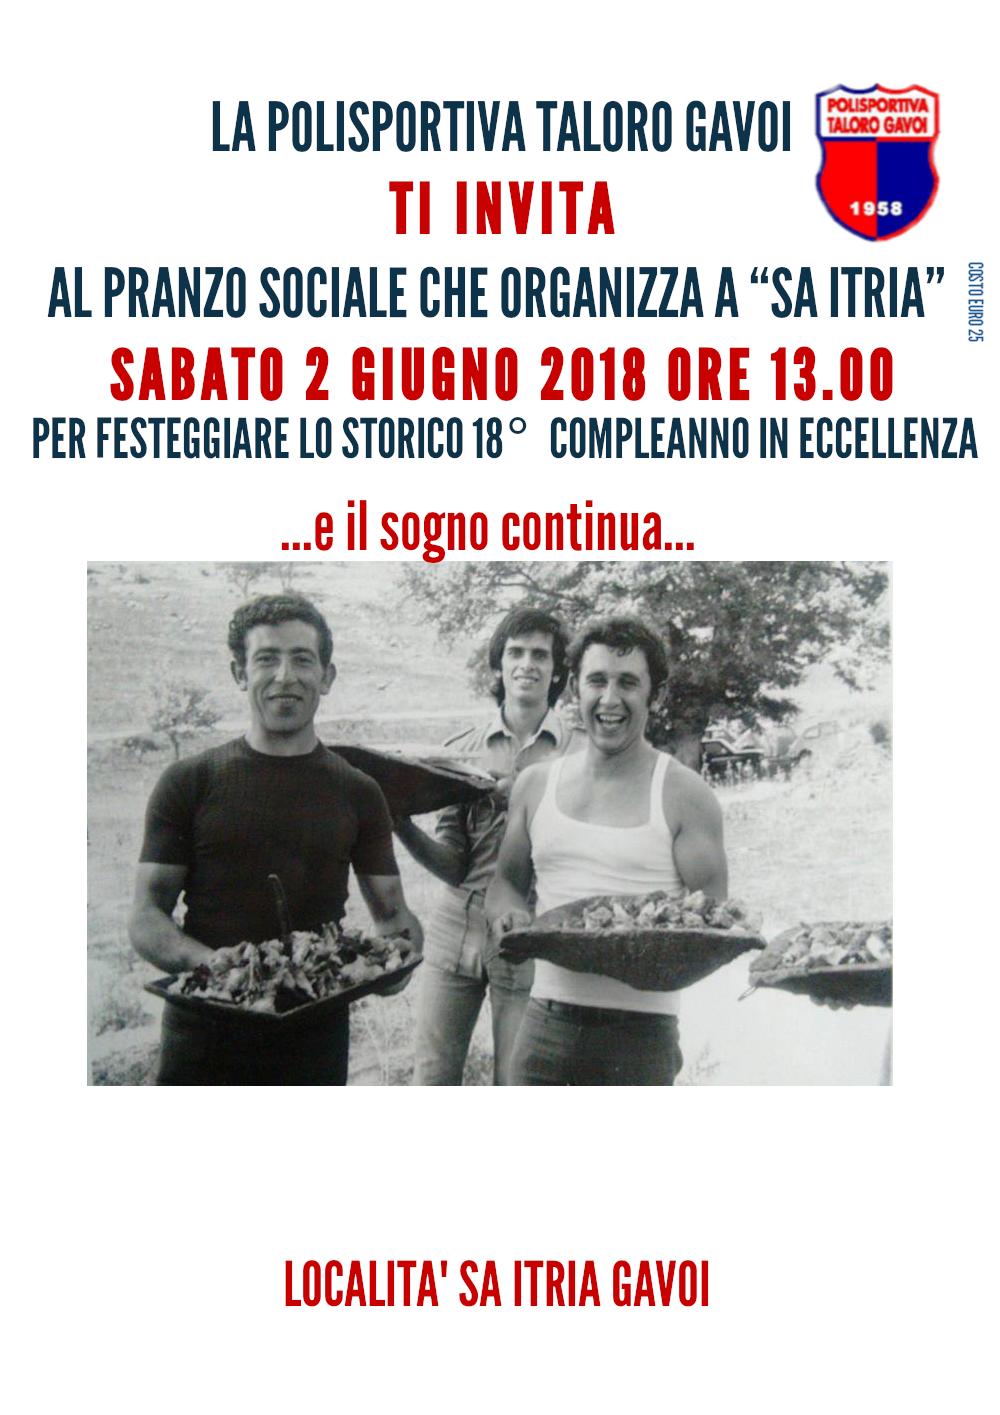 Festa del 18° compleanno SA ITRIA